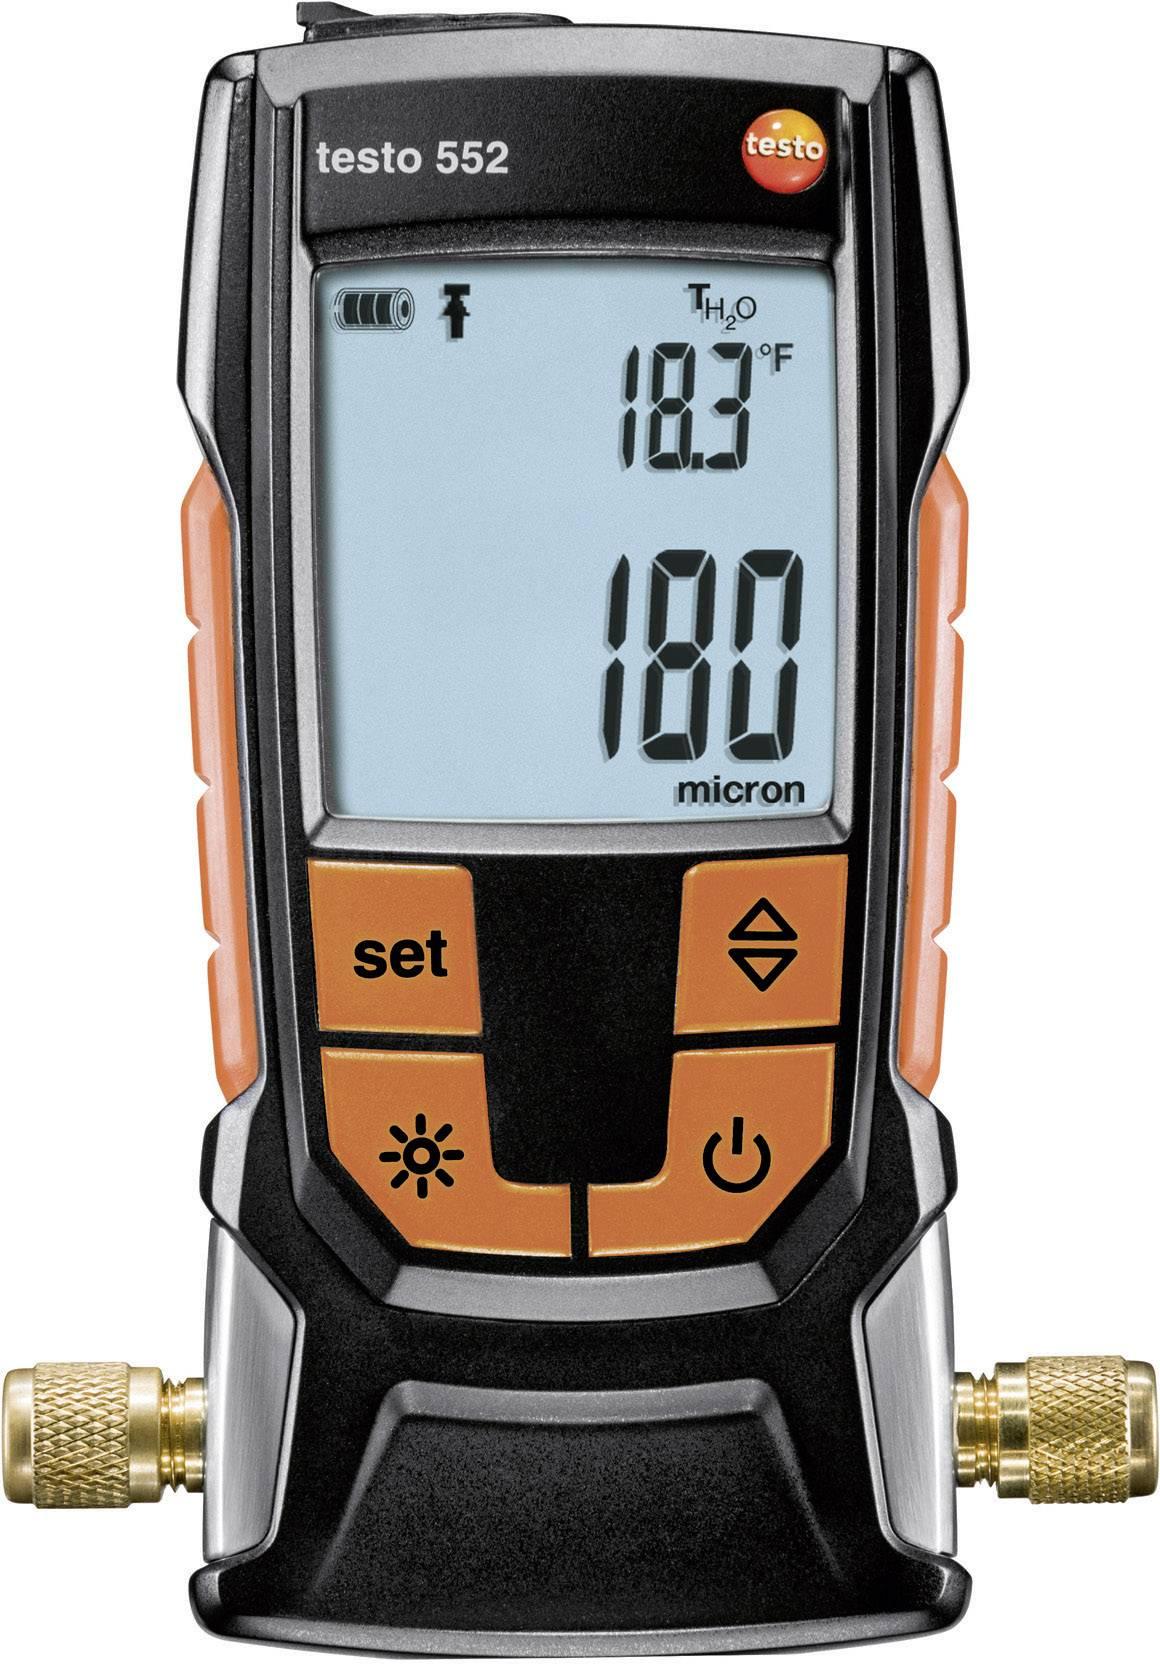 Digitální vakuometr s bezúdržbovým senzorem testo 552